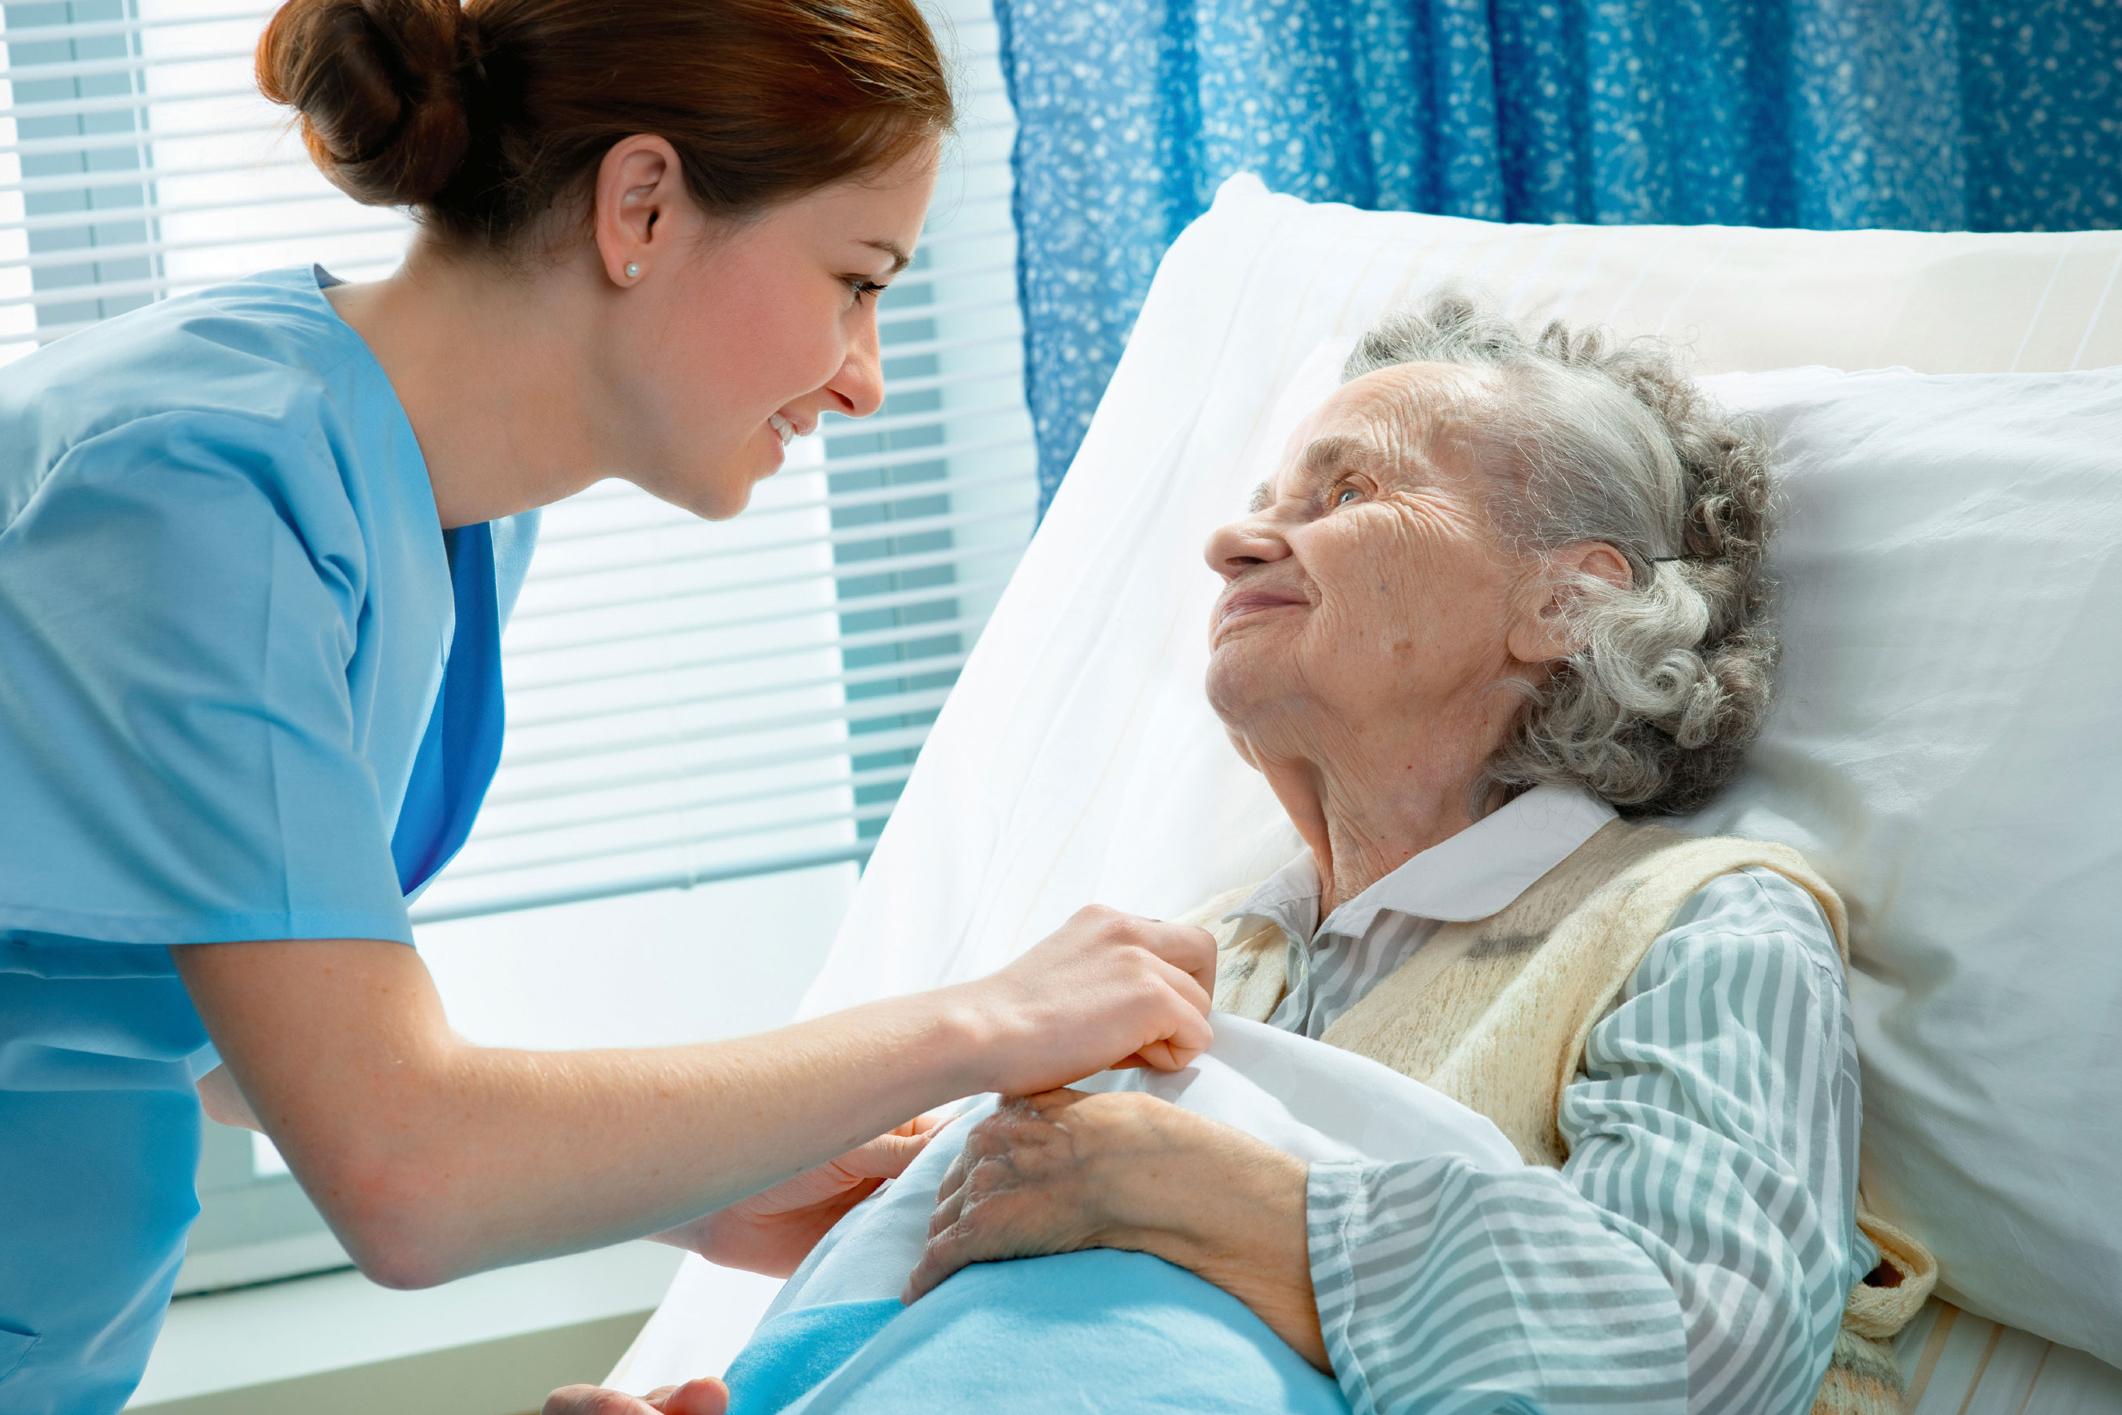 نکات مراقبت از سالمند بیمار